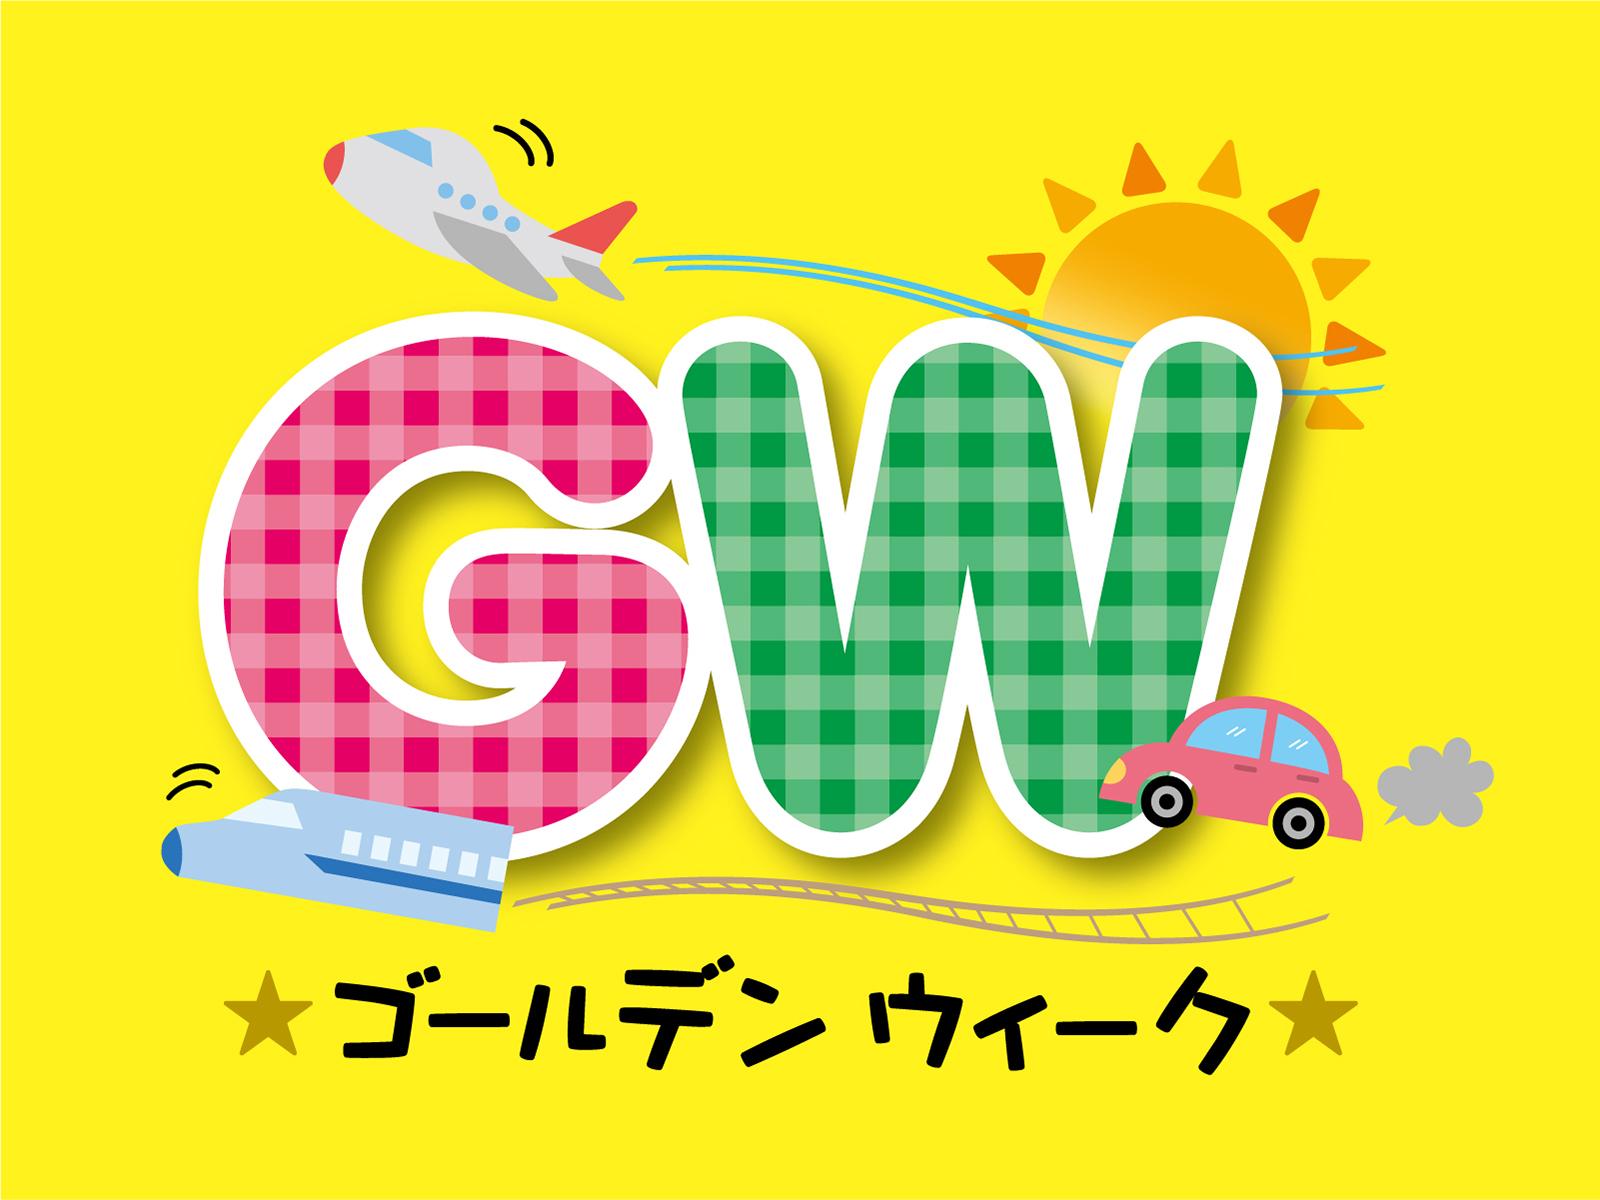 『 フリートGW休暇のお知らせ 』